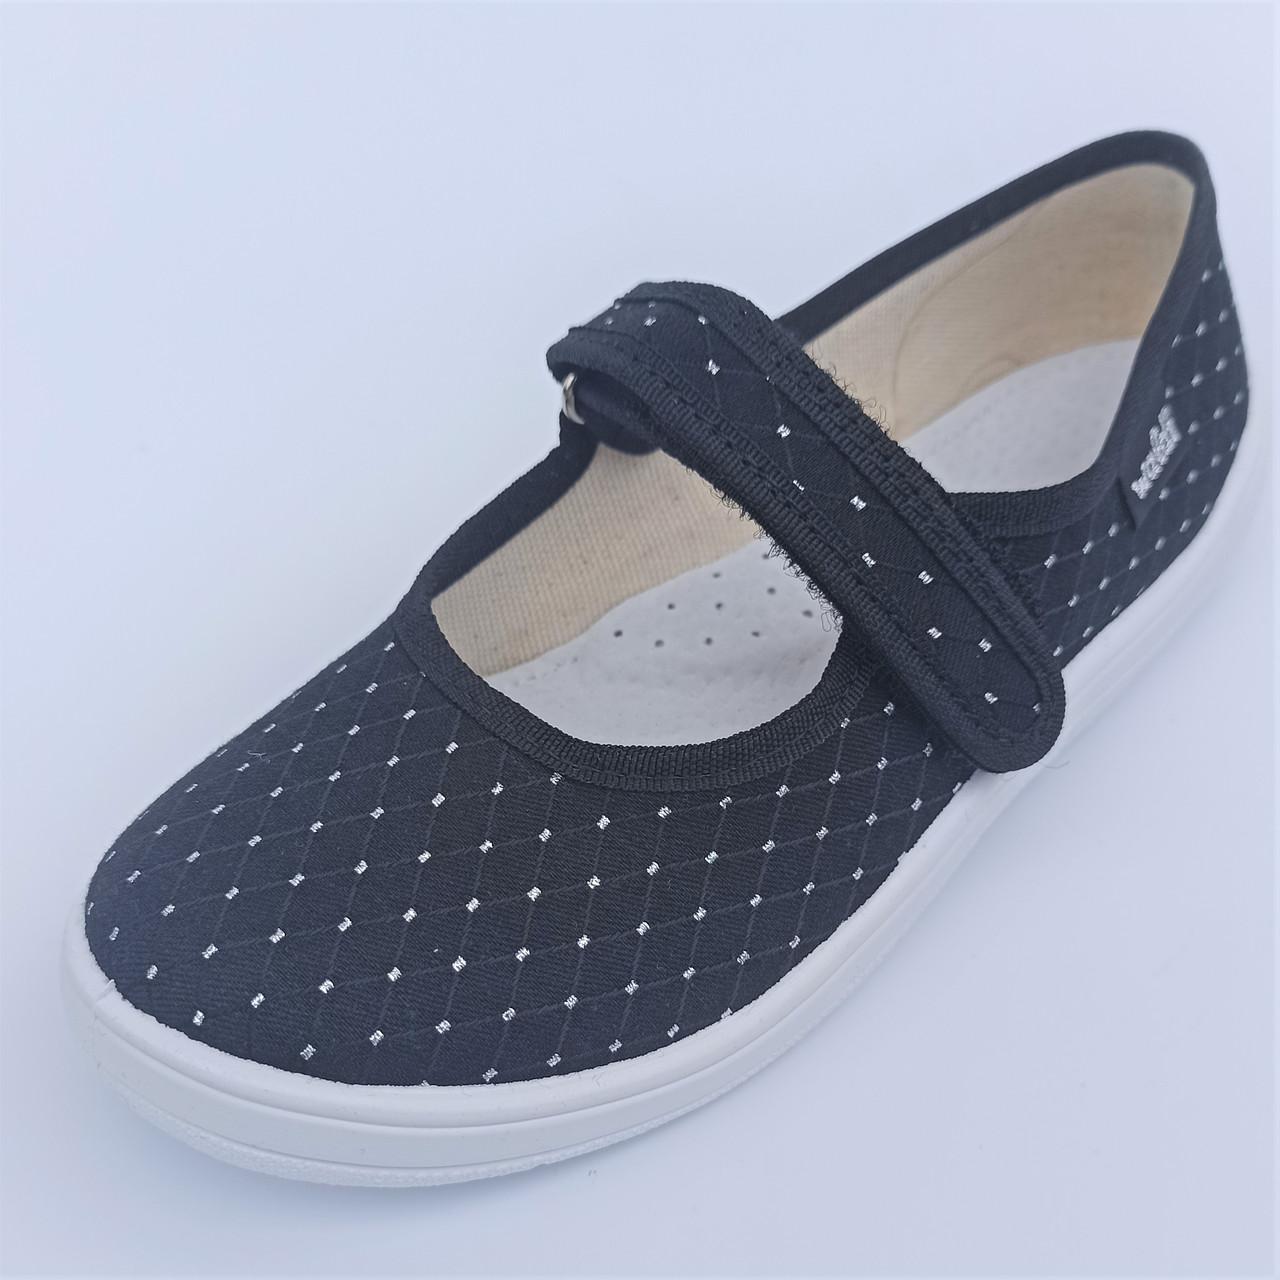 Тканевые туфли на девочку с жемчужинами, Waldi размеры: 30-35